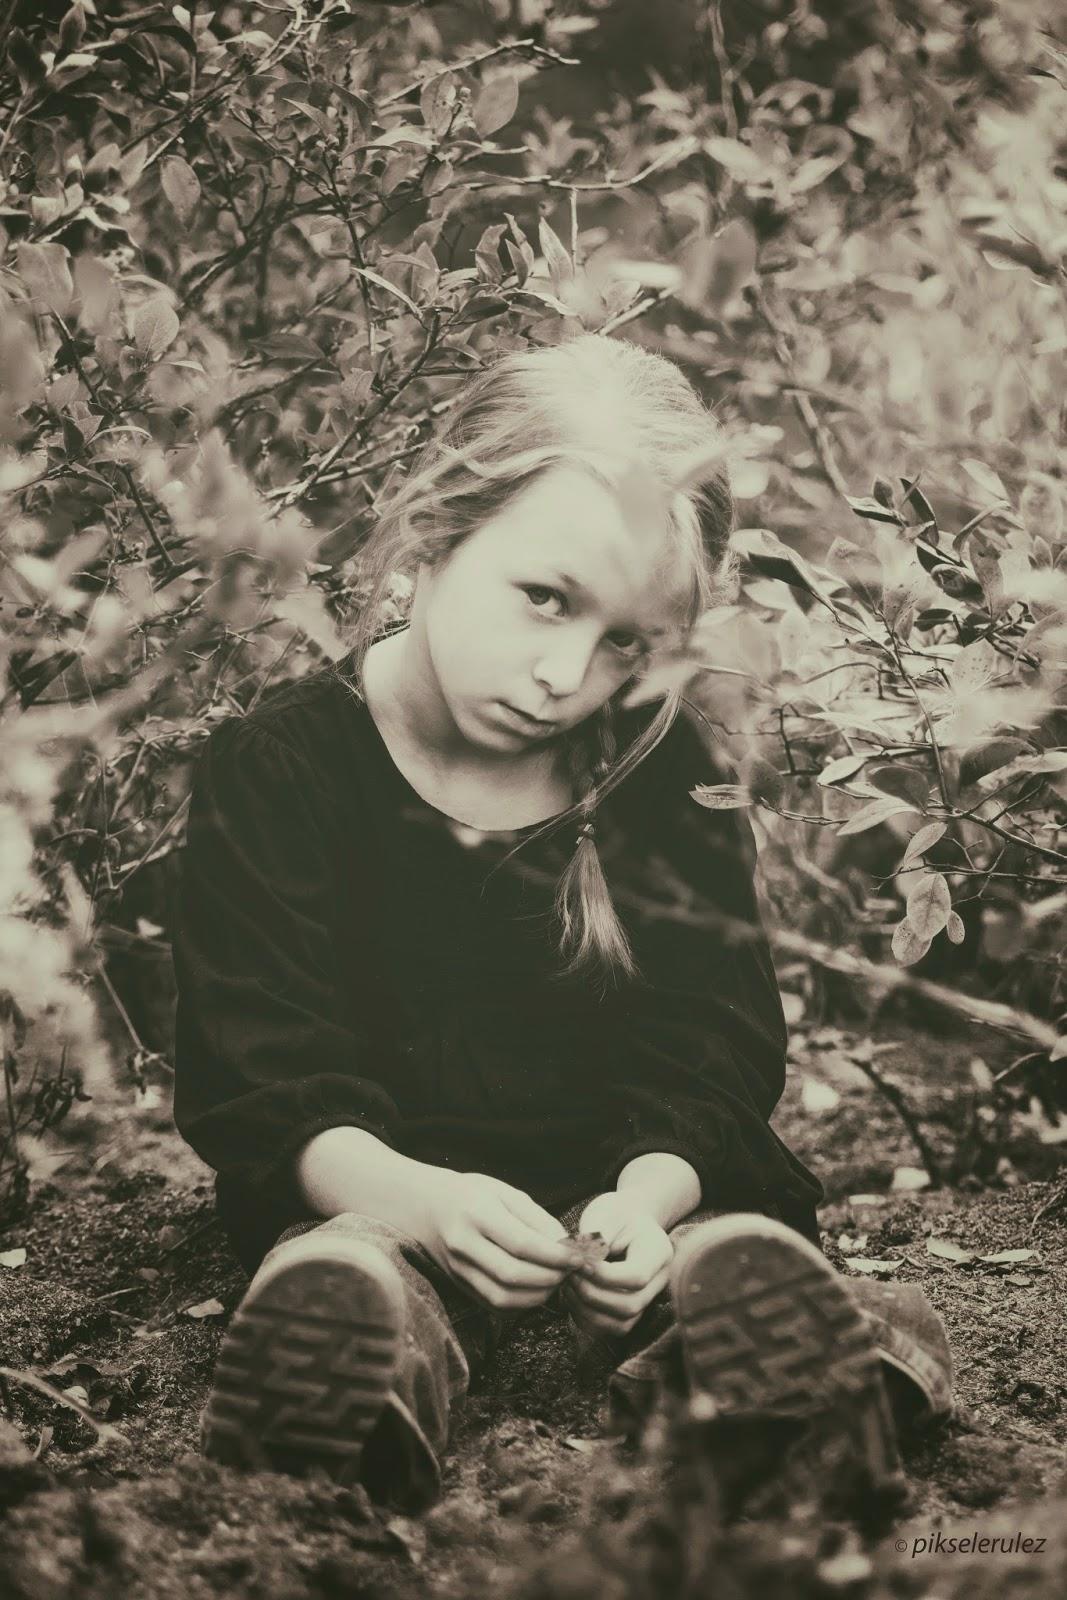 portret, portraits, black and white, czerń i biel, szarości, Bory Tucholskie, dzieci, Agata Raszke